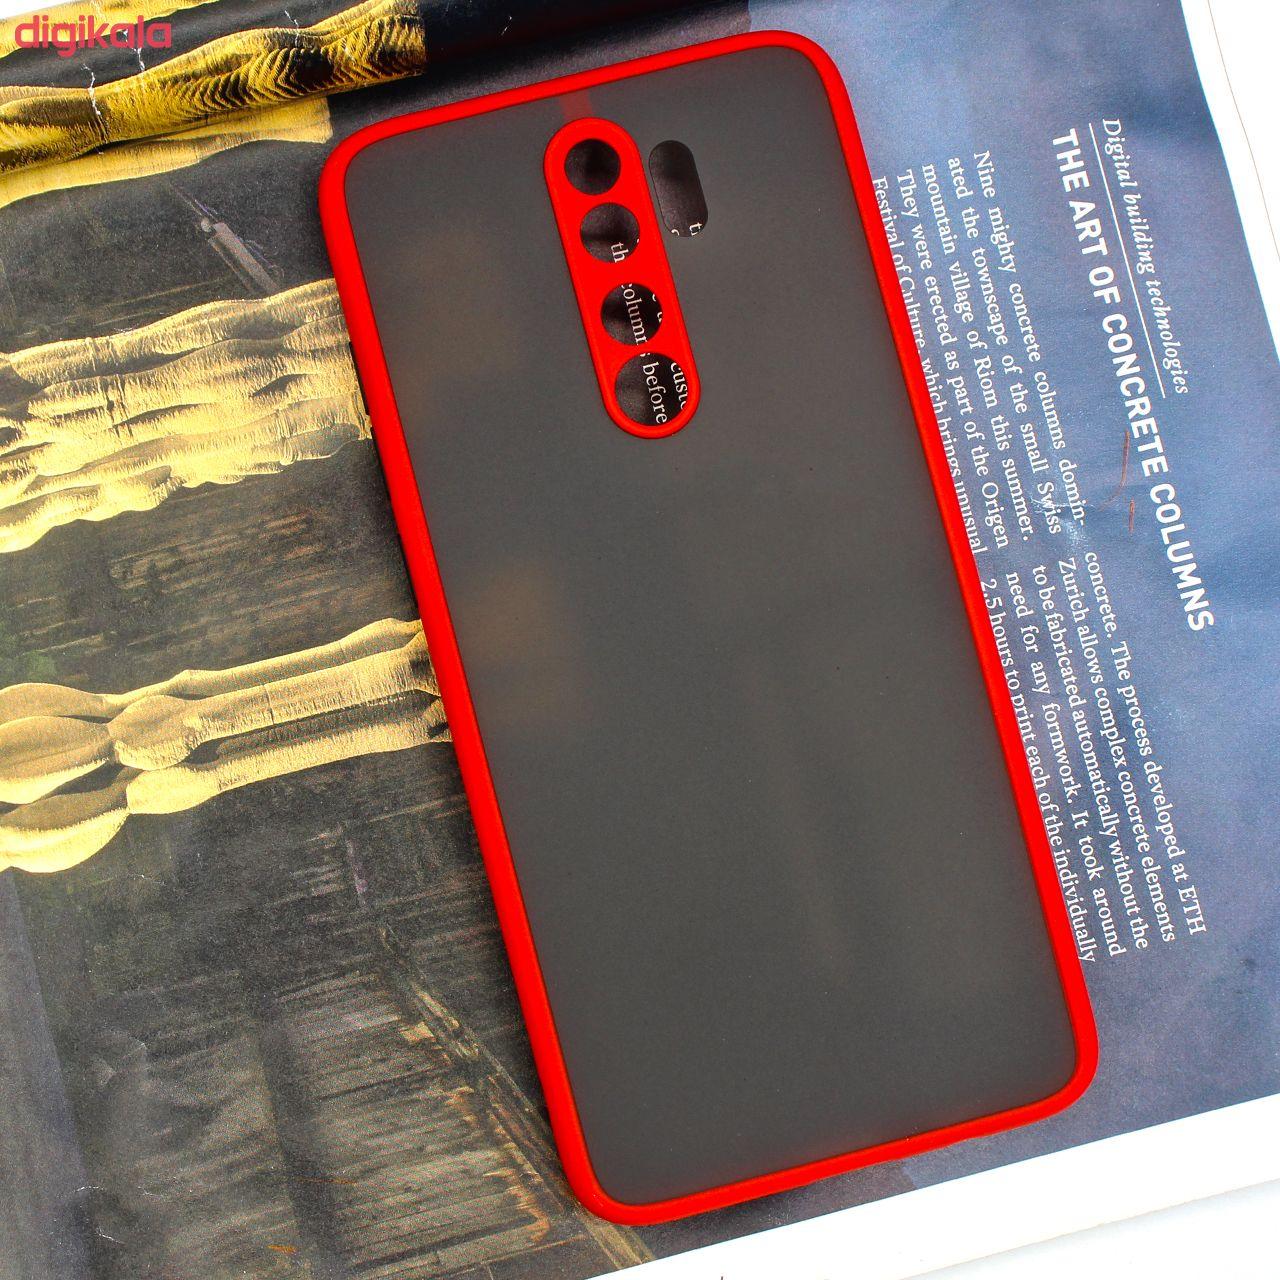 کاور کینگ پاور مدل M22 مناسب برای گوشی موبایل شیائومی Redmi Note 8 Pro main 1 13